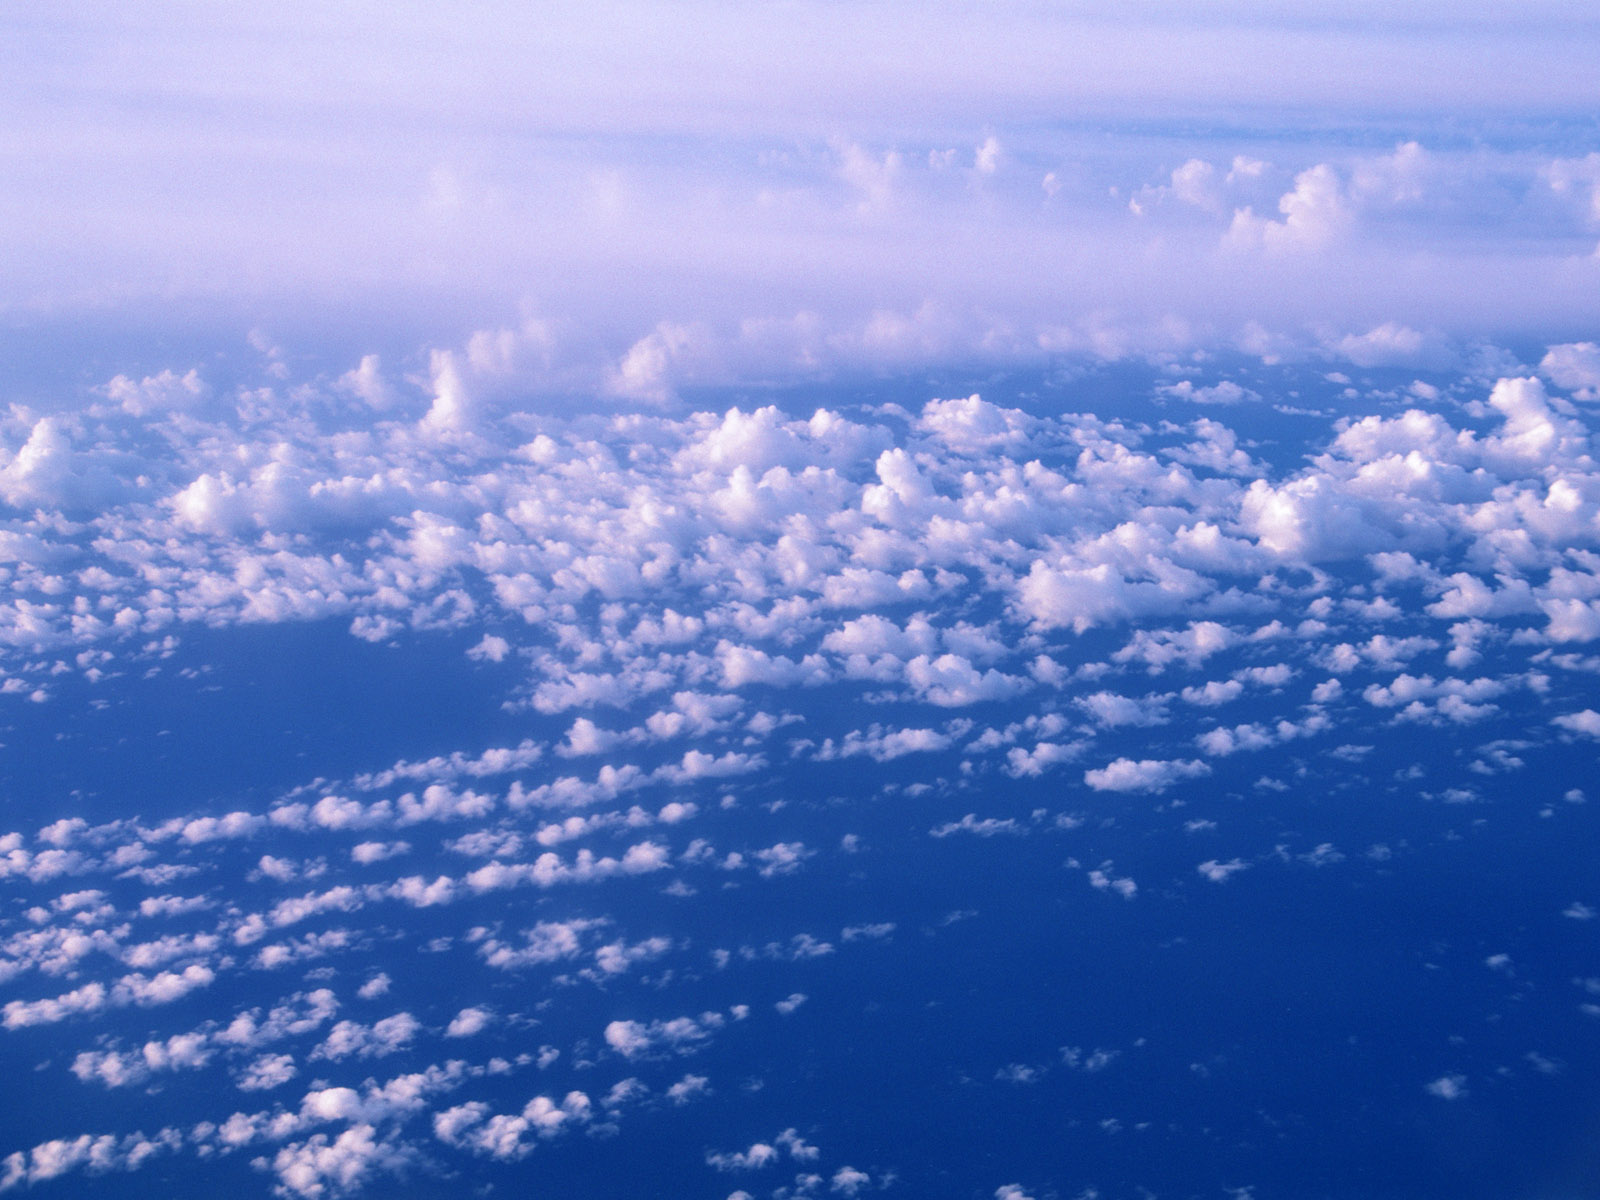 视觉大餐-蓝天白云 - 绿海浪涛 - 绿海浪涛